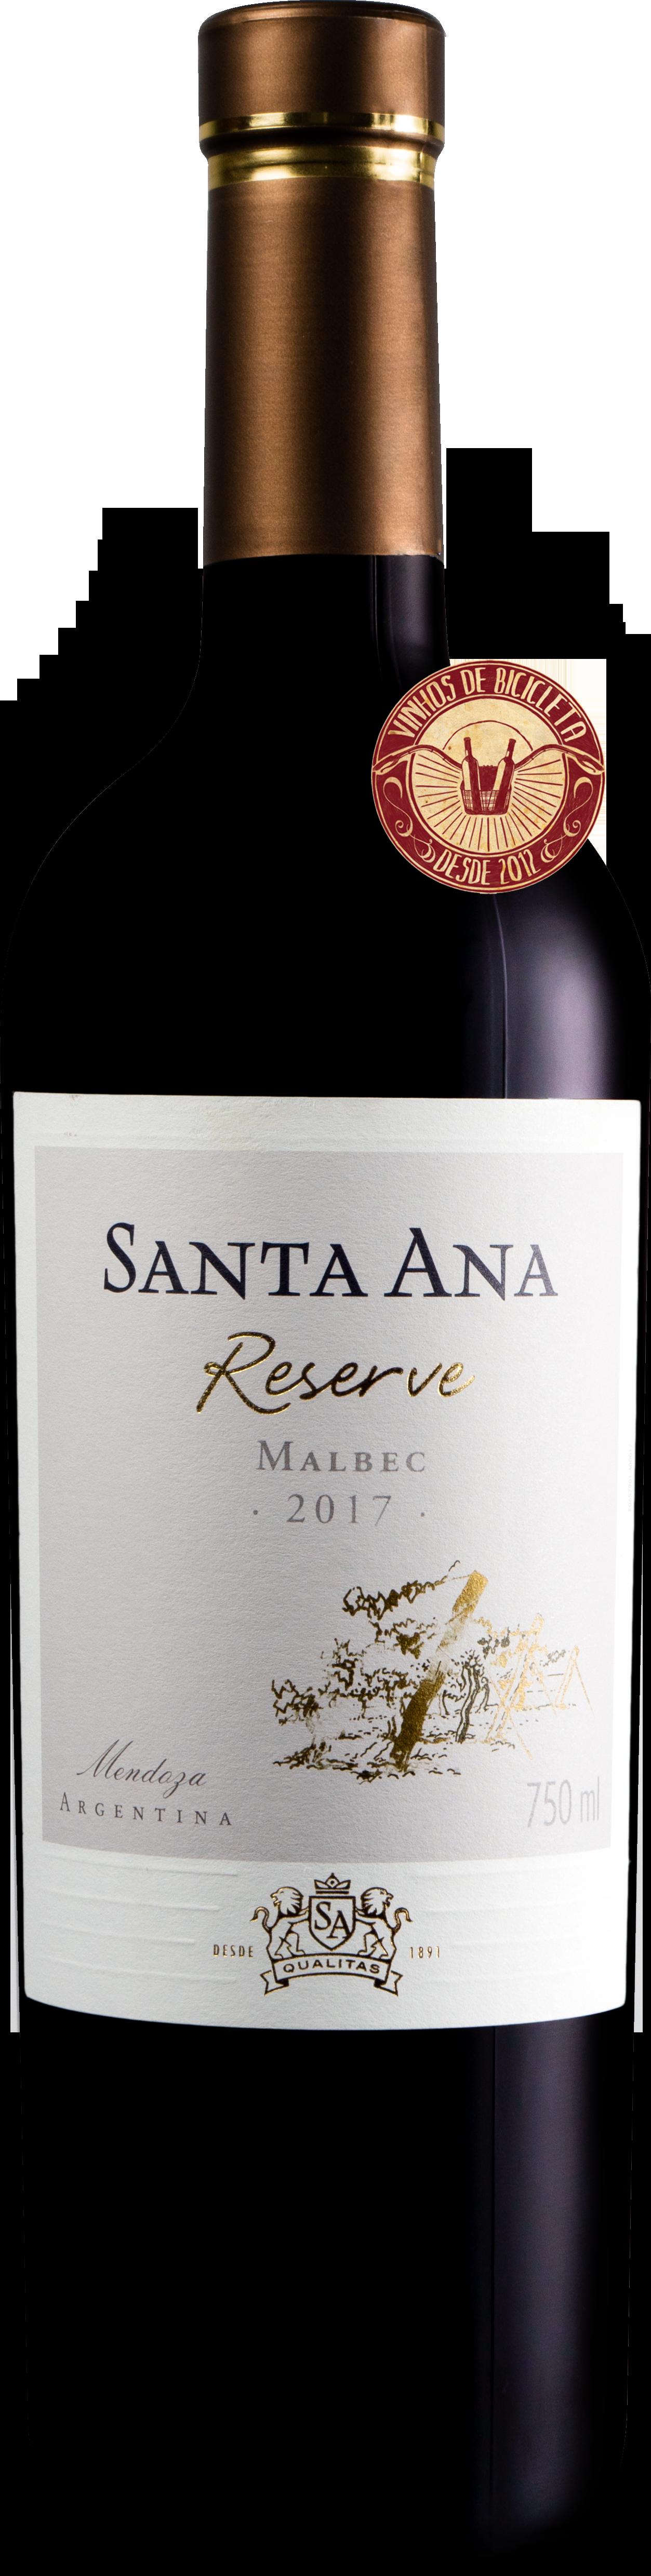 Santa Ana Reserve Malbec